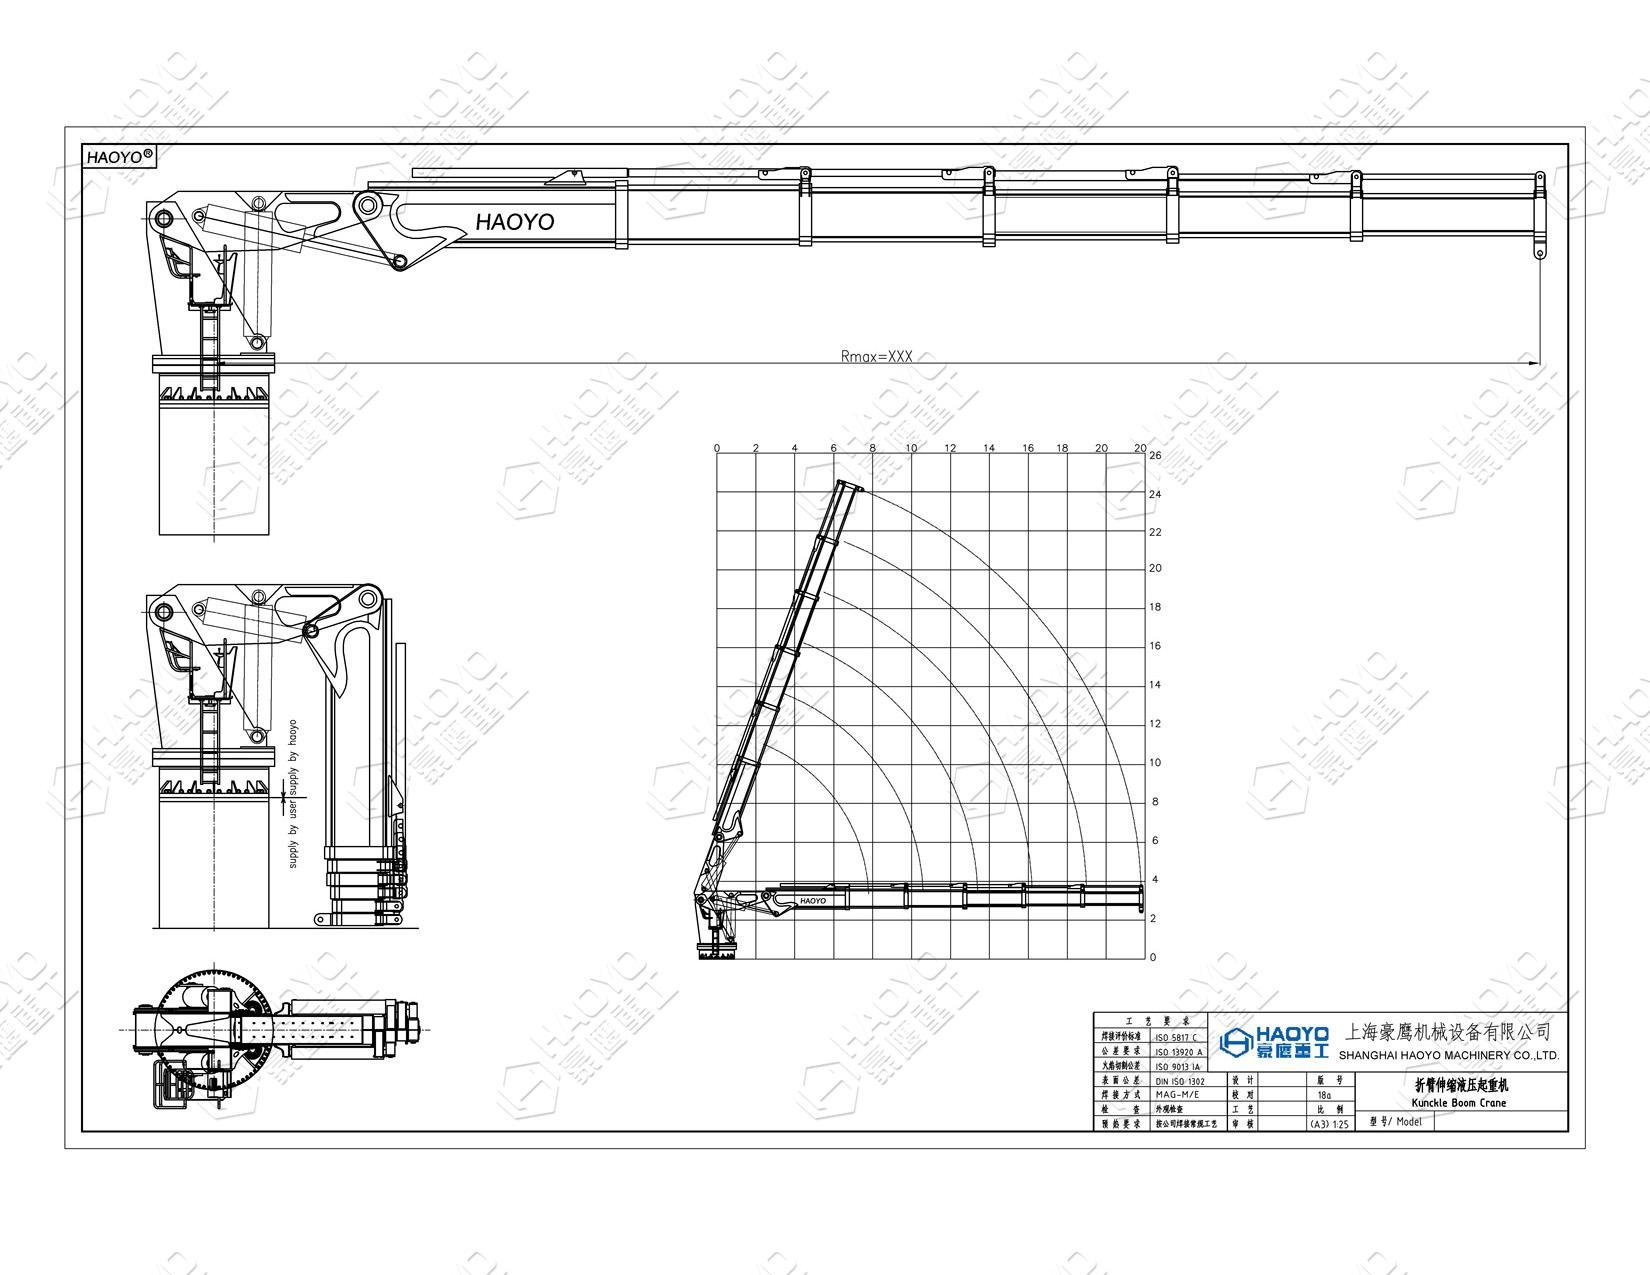 Knuckle Boom Used Hydraulic Crane 4